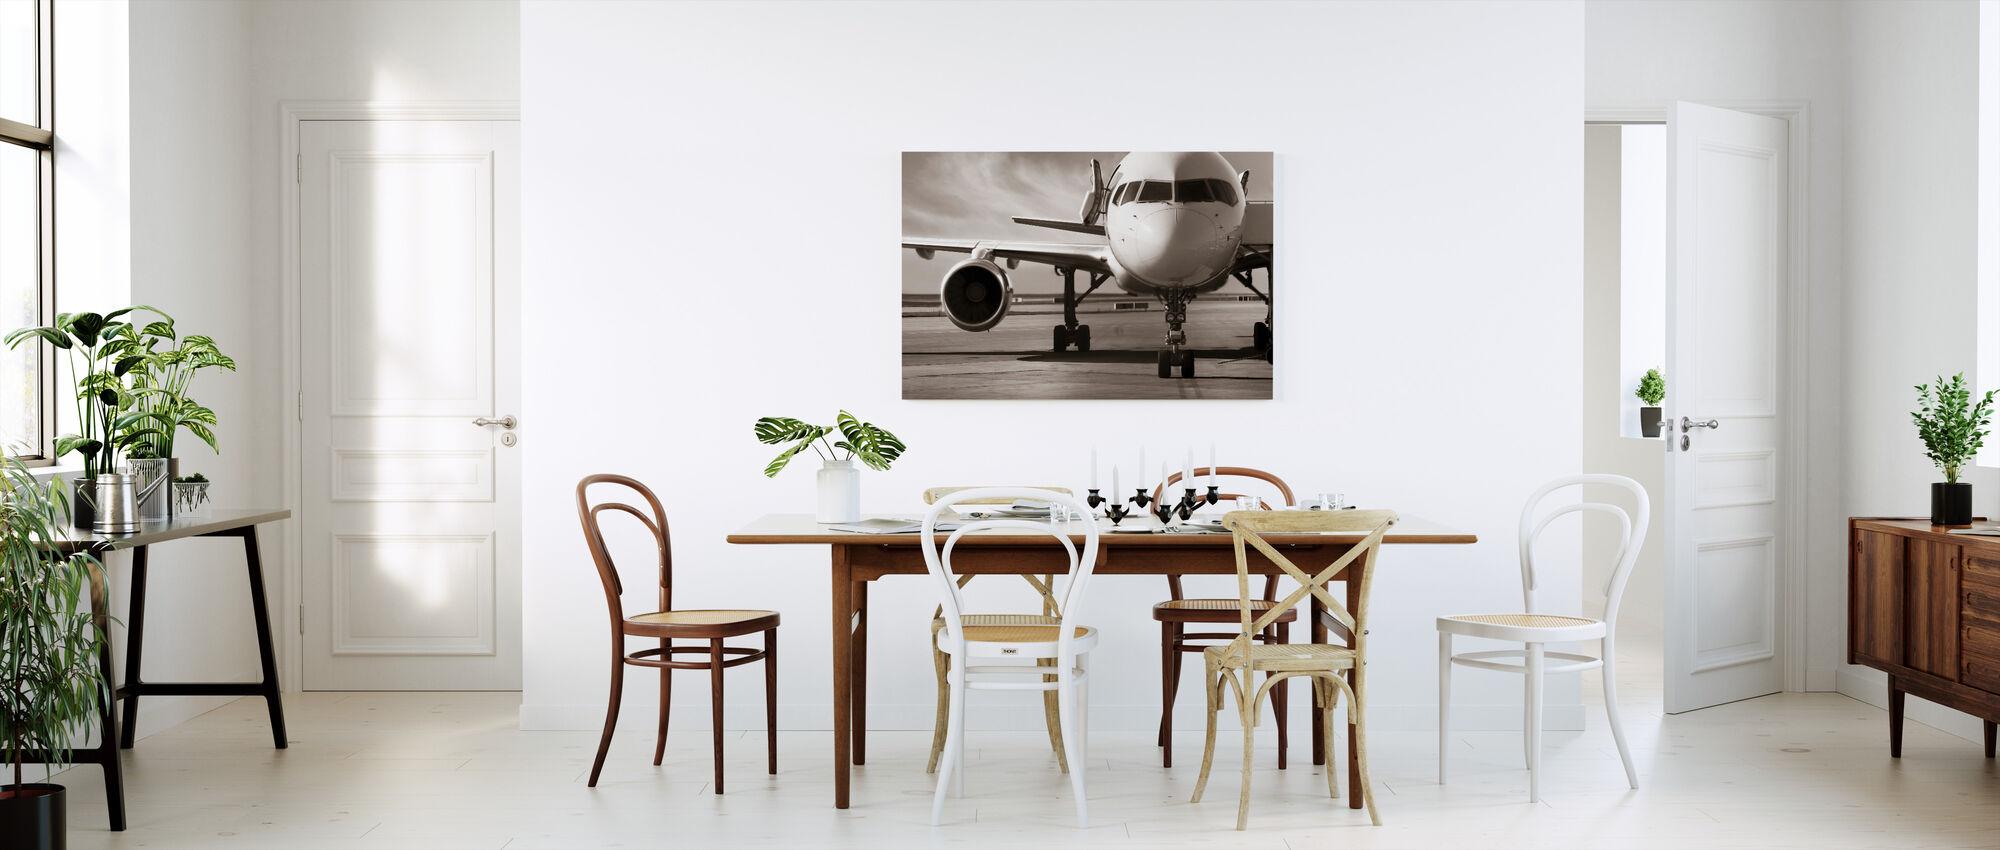 Fly - Sepia - Lerretsbilde - Kjøkken